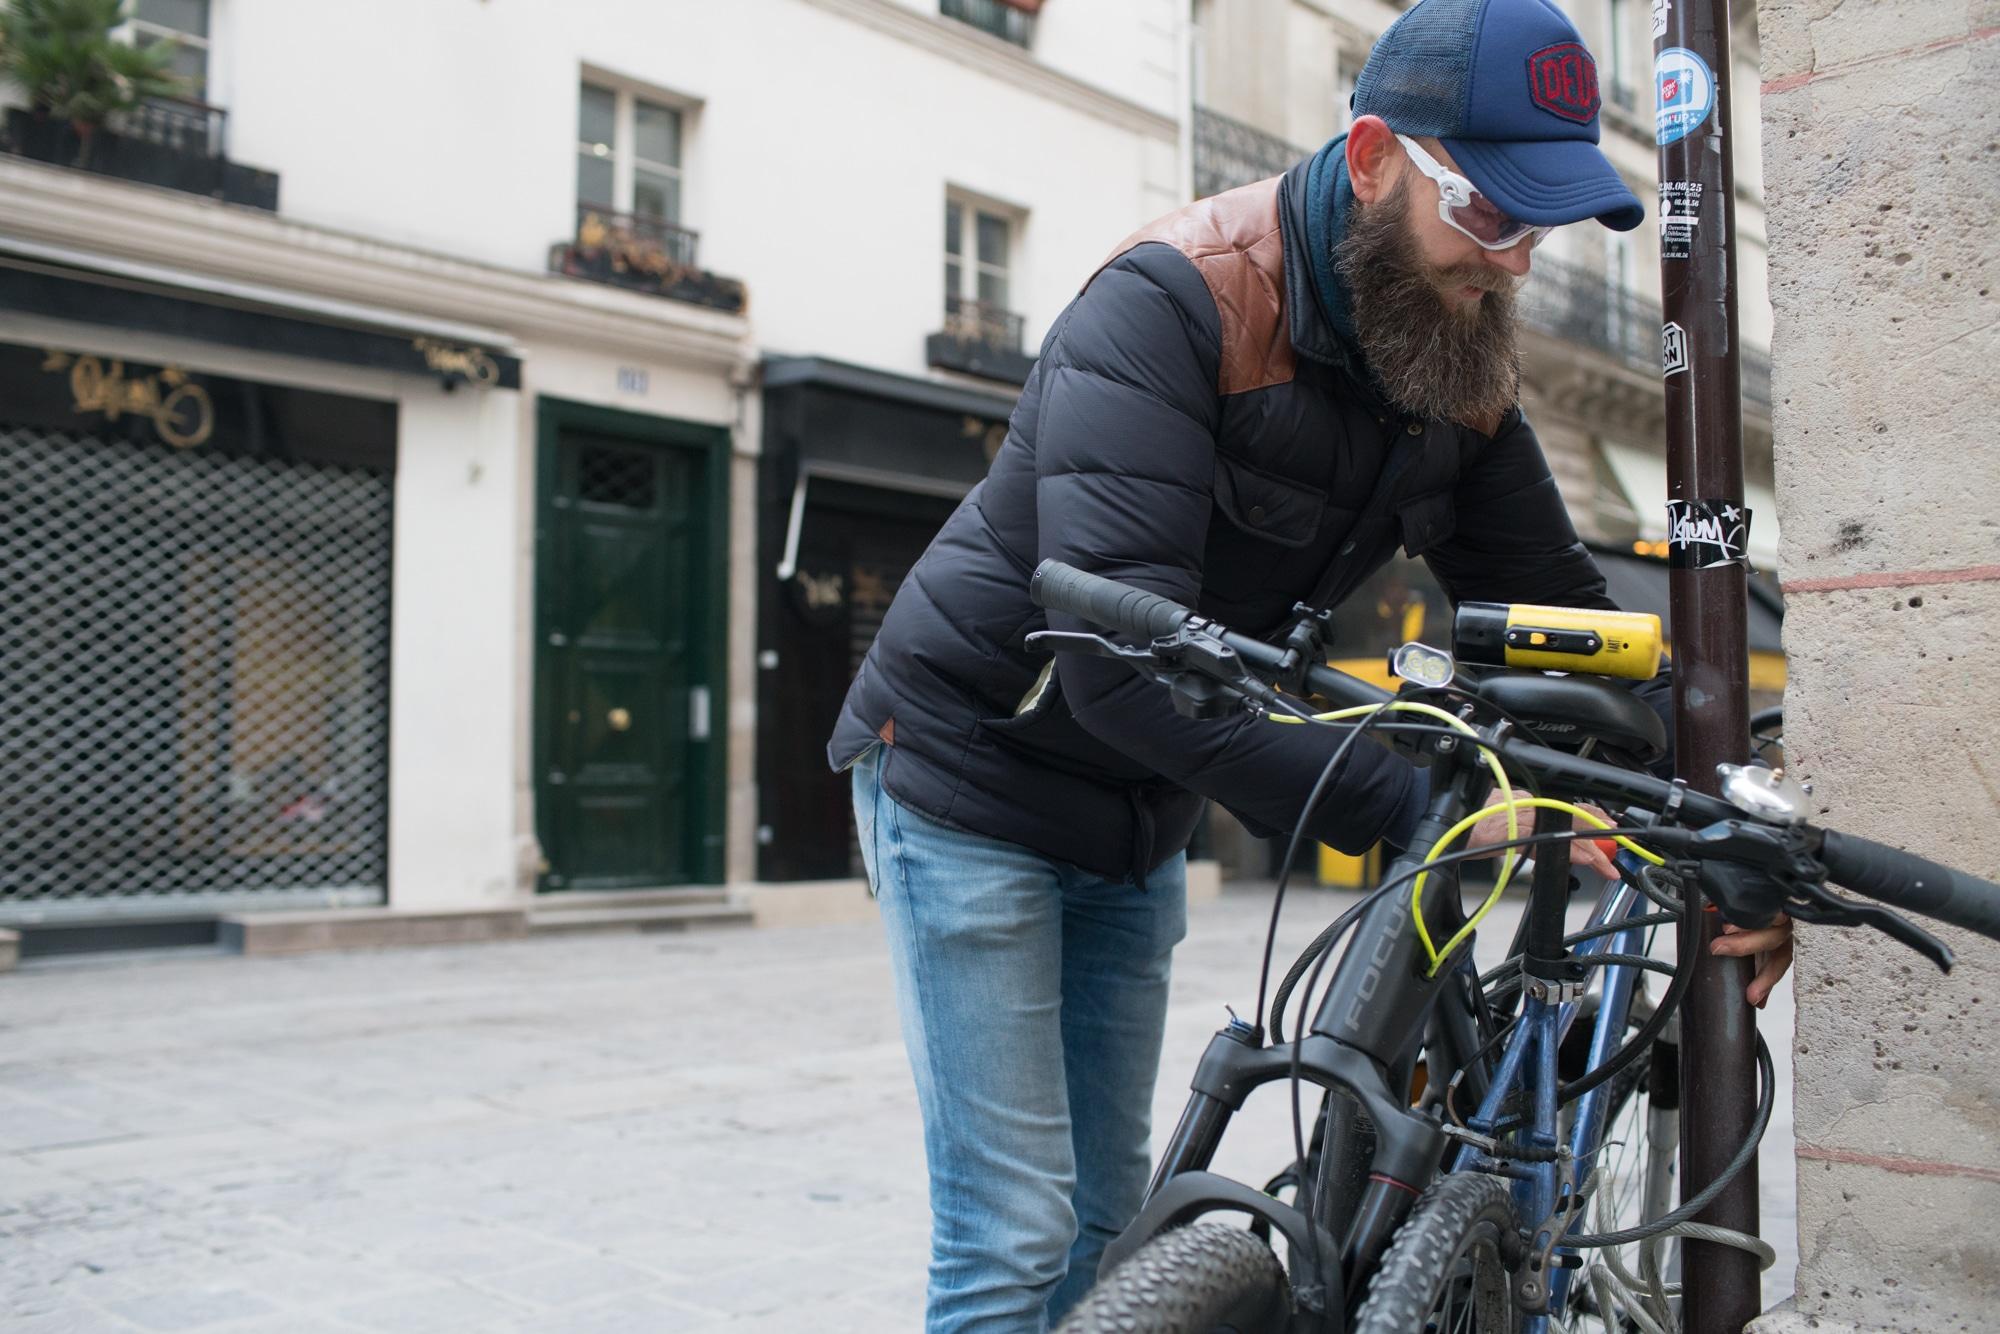 Mornay attache son vélo dans la rue.